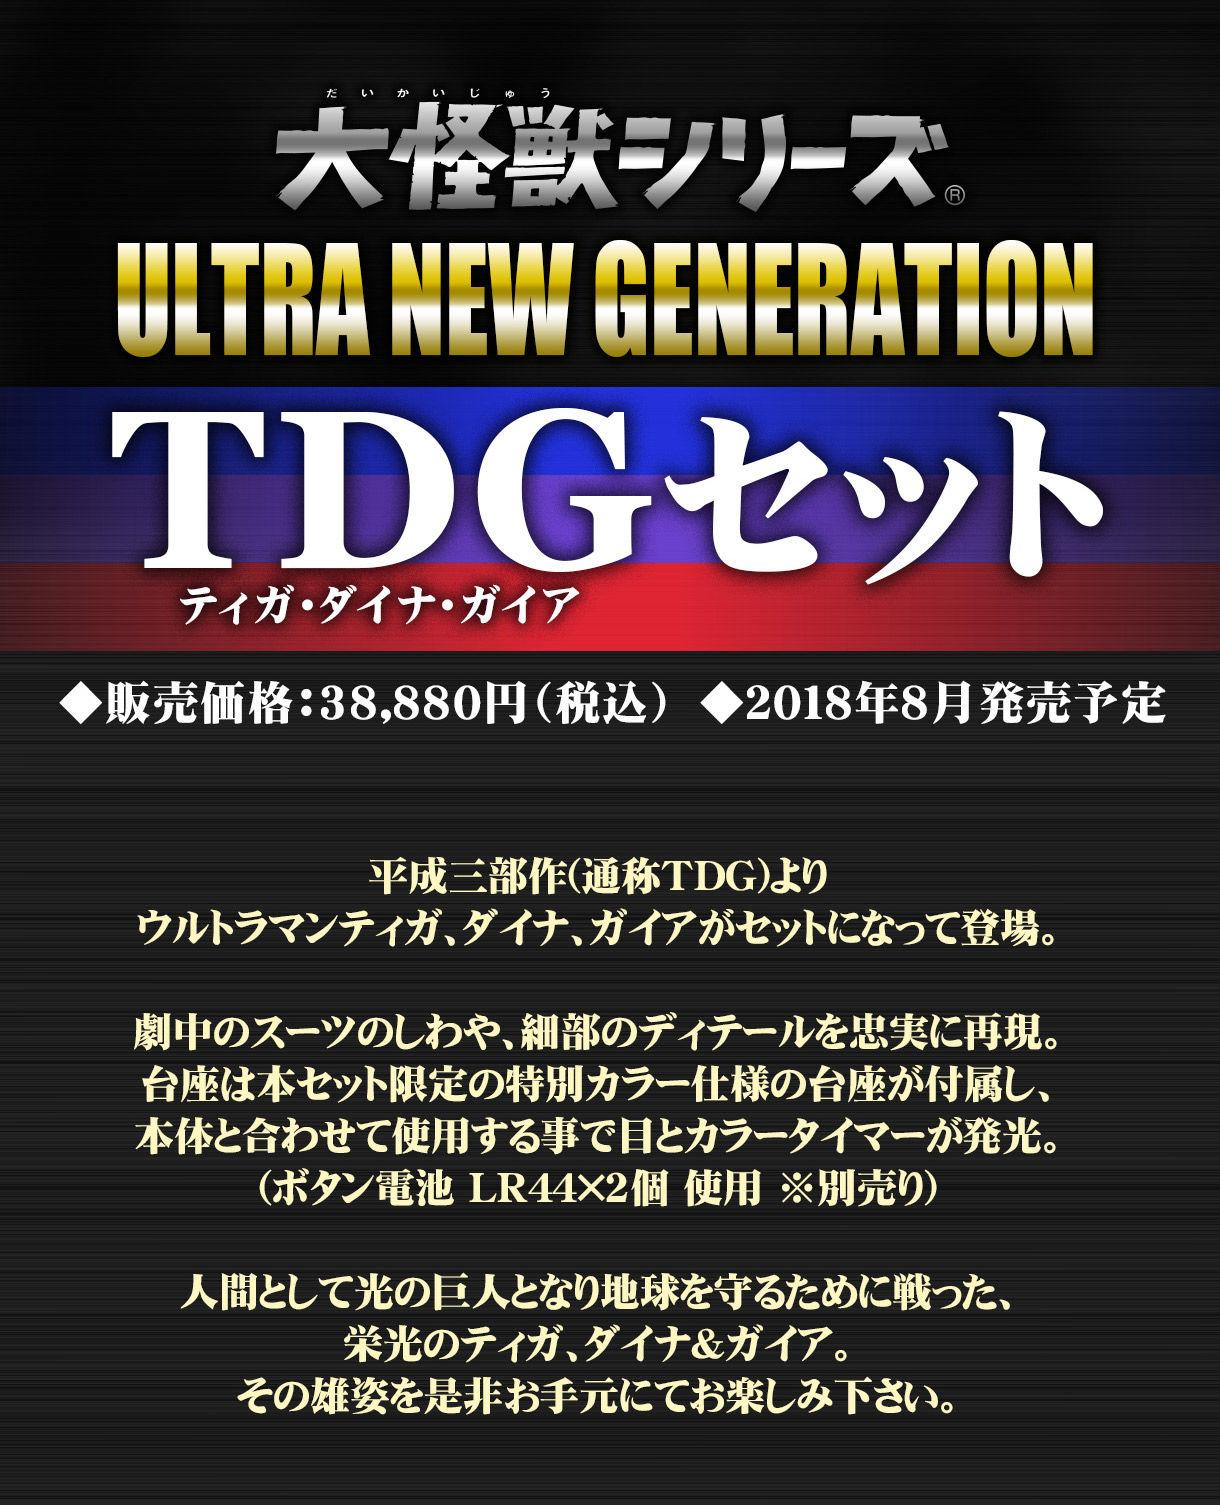 Ultraman - Ultra New Generation TDG (Tiga/Dyna/Gaia) Set (Tsuburaya Prod) ExhWKqxE_o